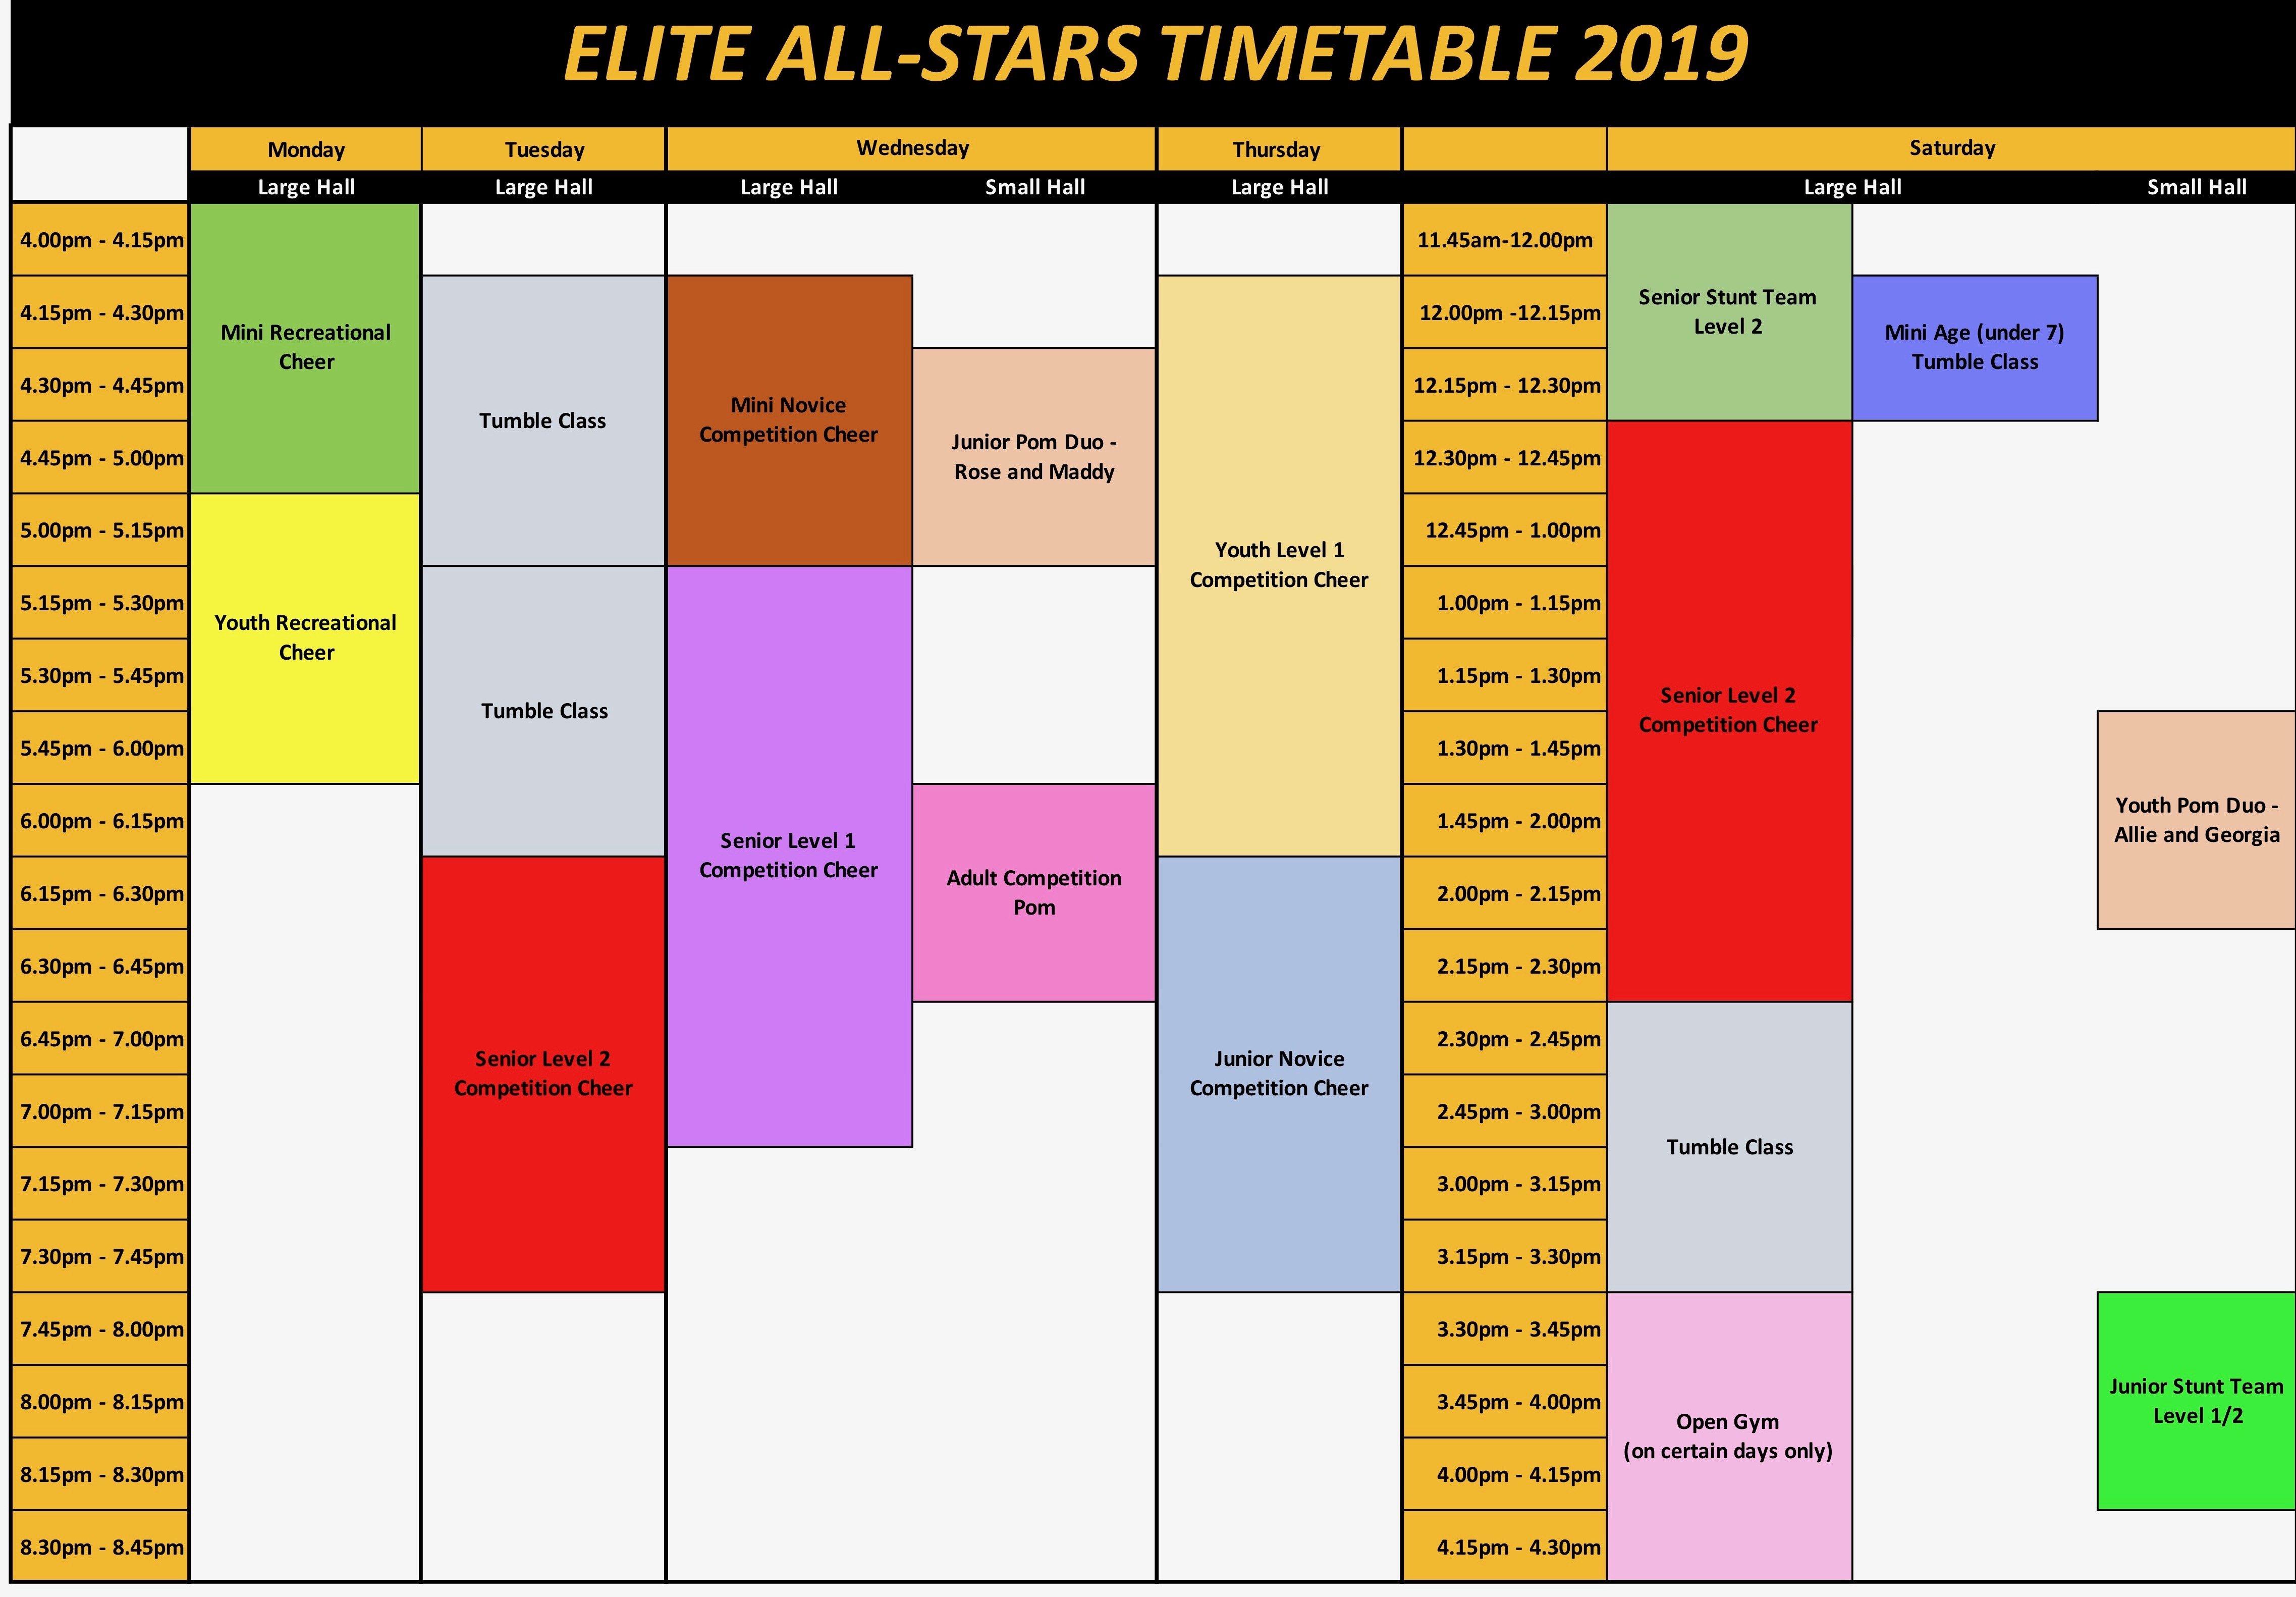 Elite 2019 Timetable